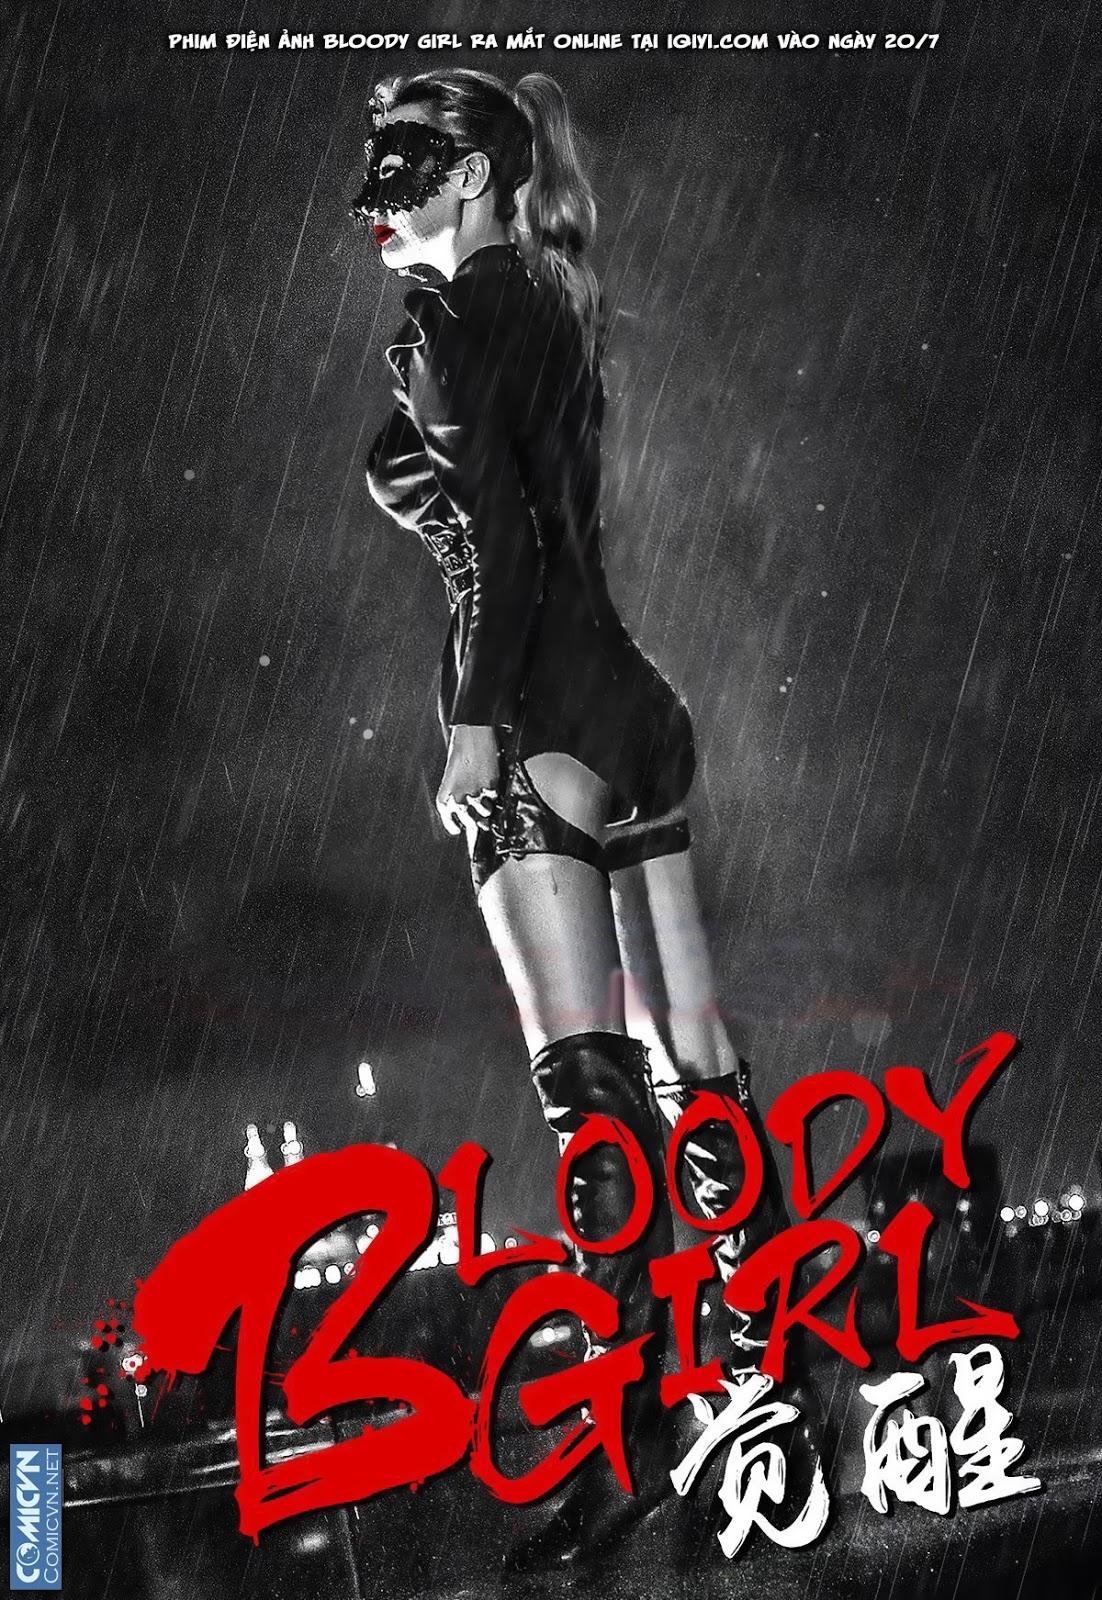 Bloody Girl được cải biên phim điện ảnh